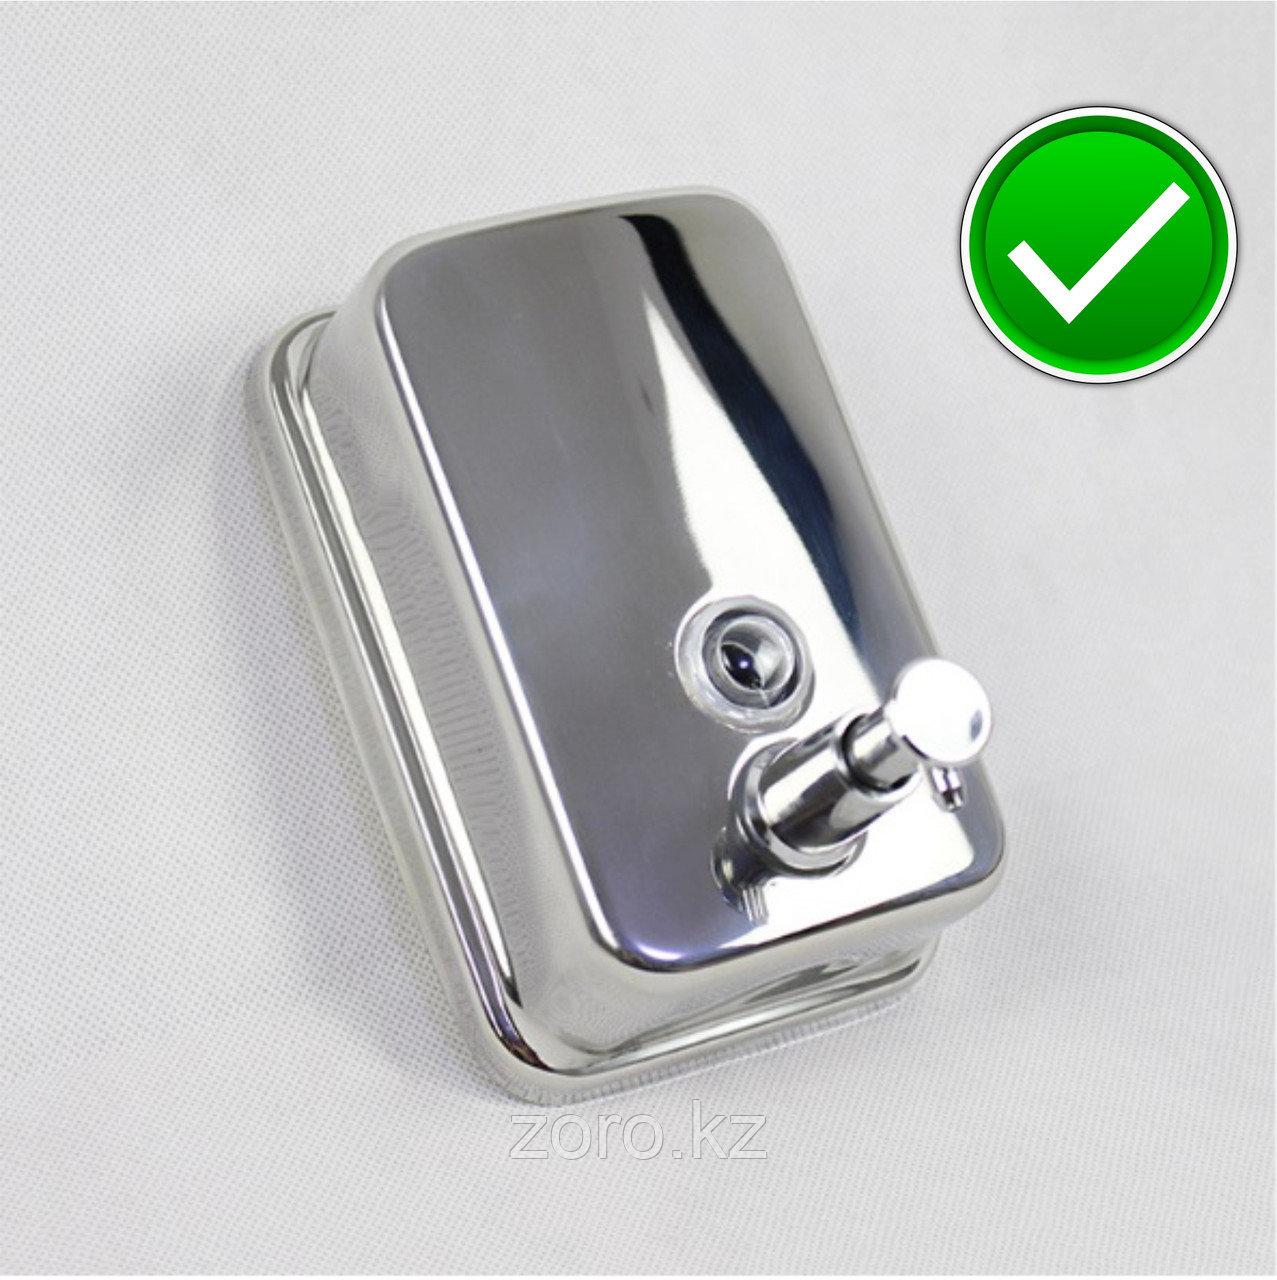 Дозатор (диспенсер) для жидкого мыла 500 мл